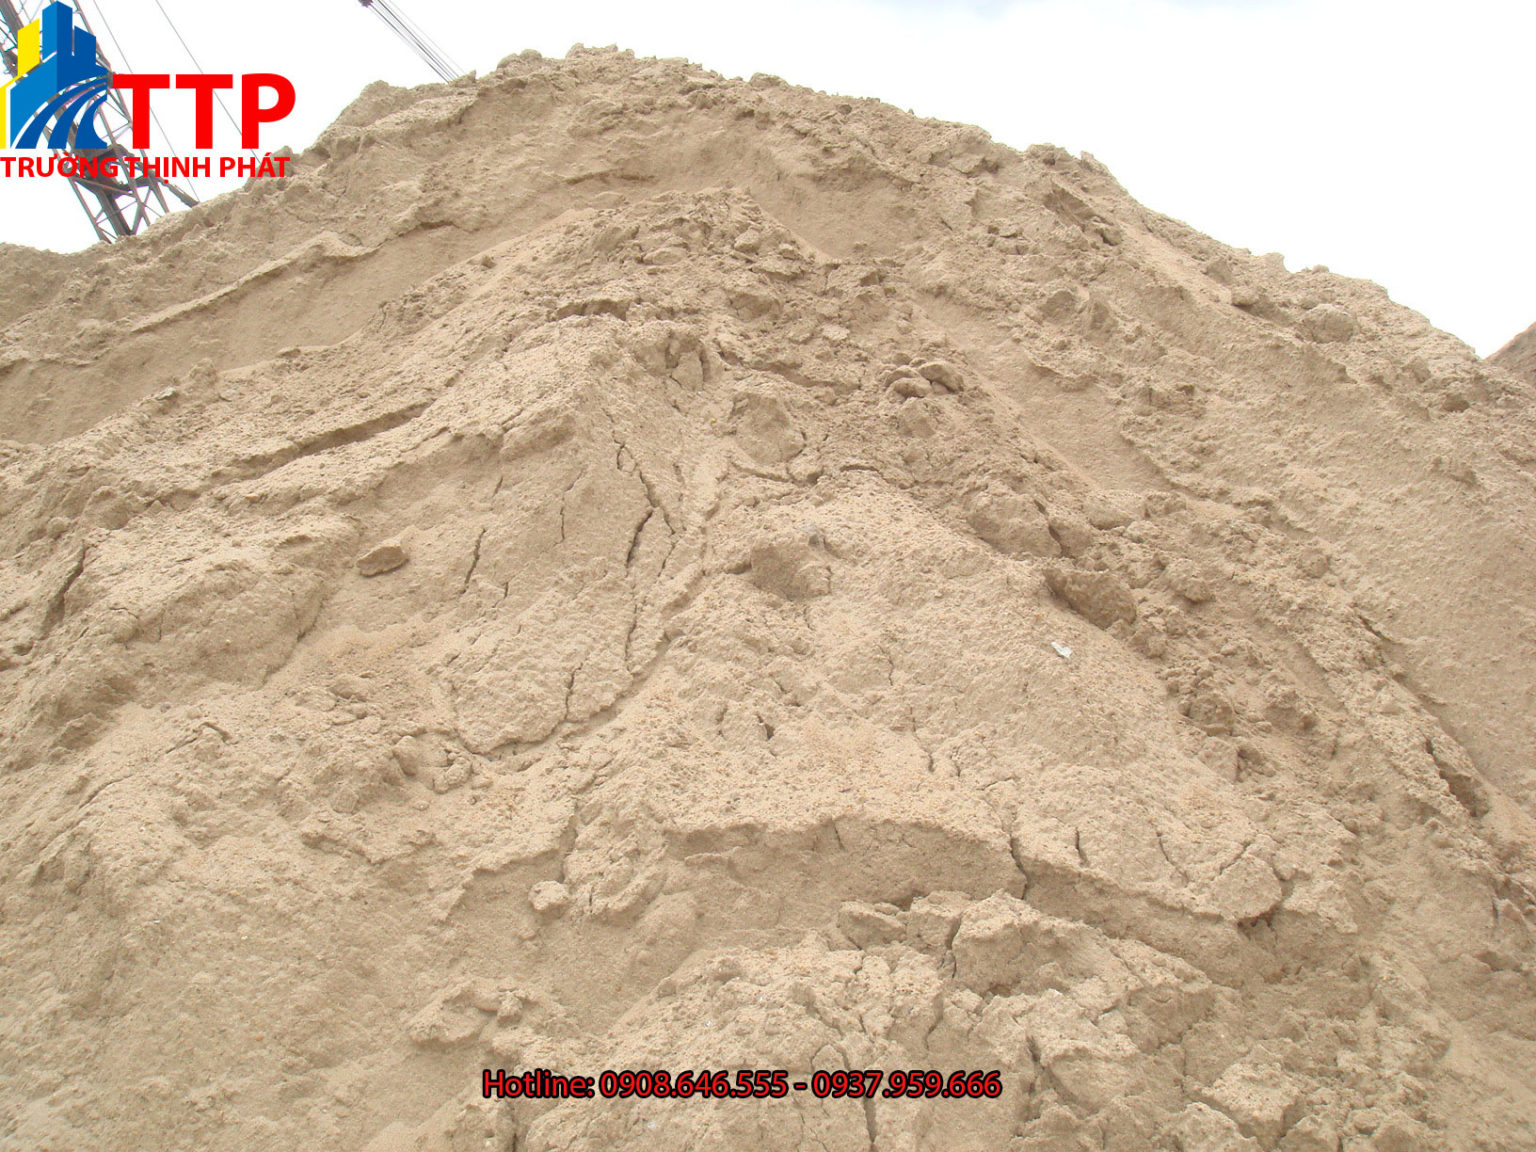 Bảng báo giá cát xây dựng mới nhất tại Bình Phước năm 2020